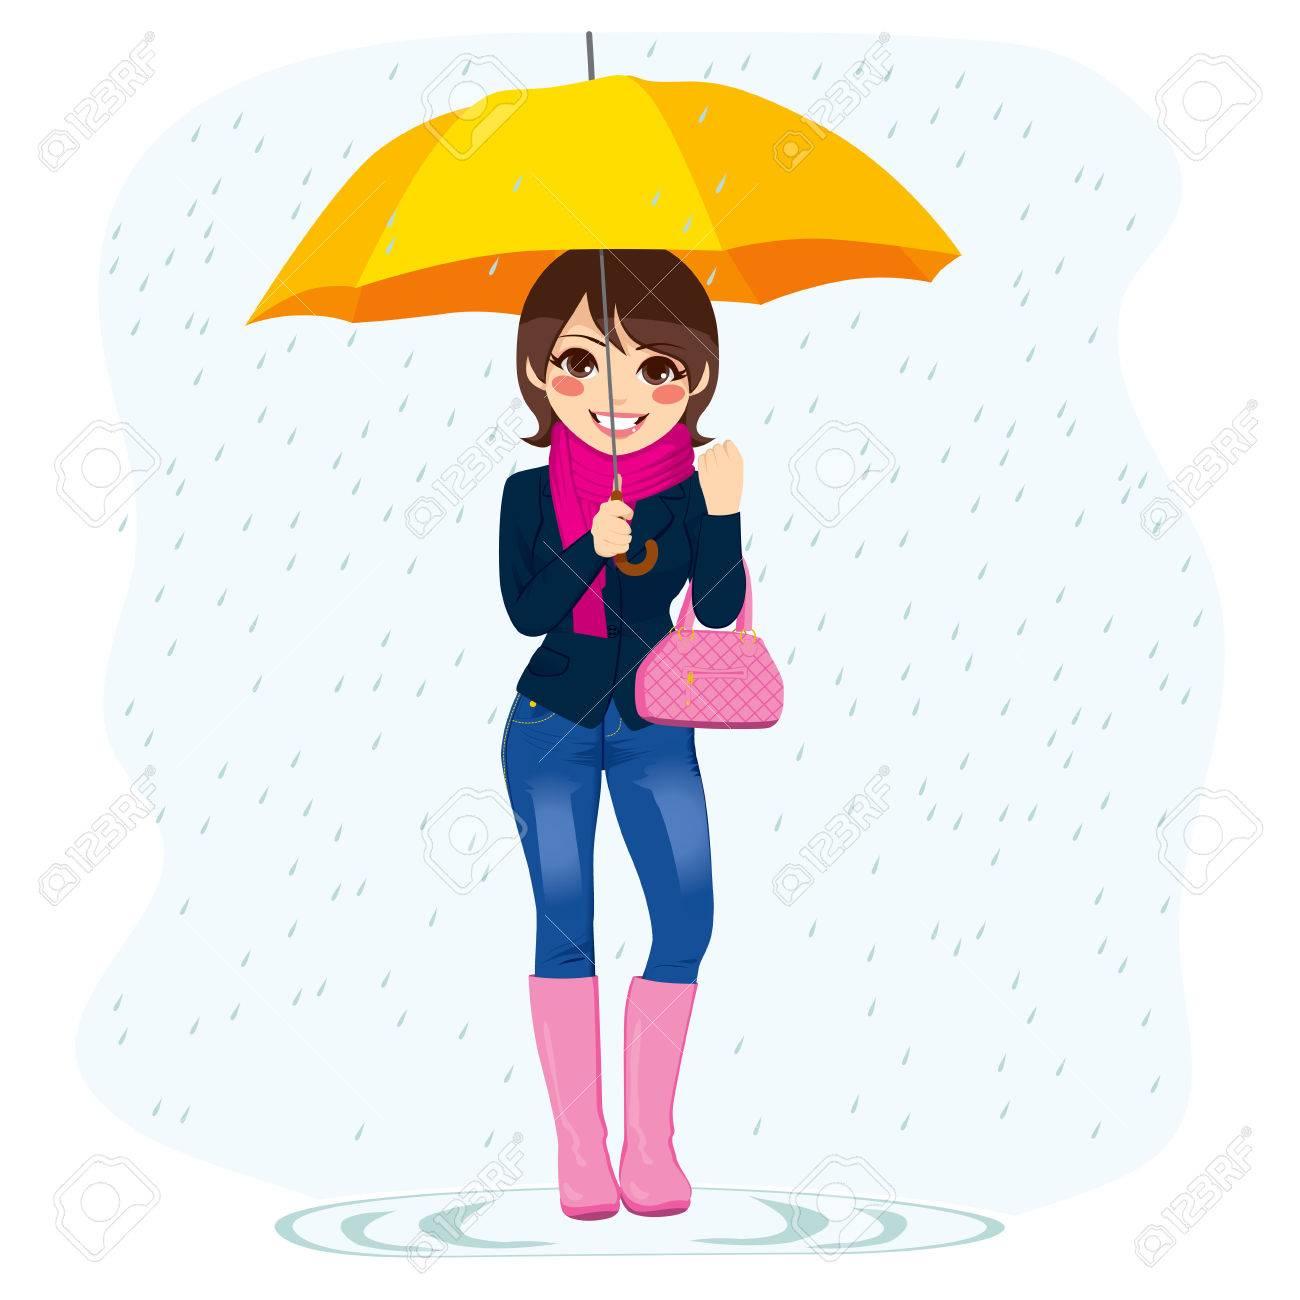 Ilustración De La Joven Y Bella Mujer De Moda De Pie Bajo La Lluvia Que Sostiene El Paraguas Amarillo Ilustraciones Vectoriales Clip Art Vectorizado Libre De Derechos Image 26168592